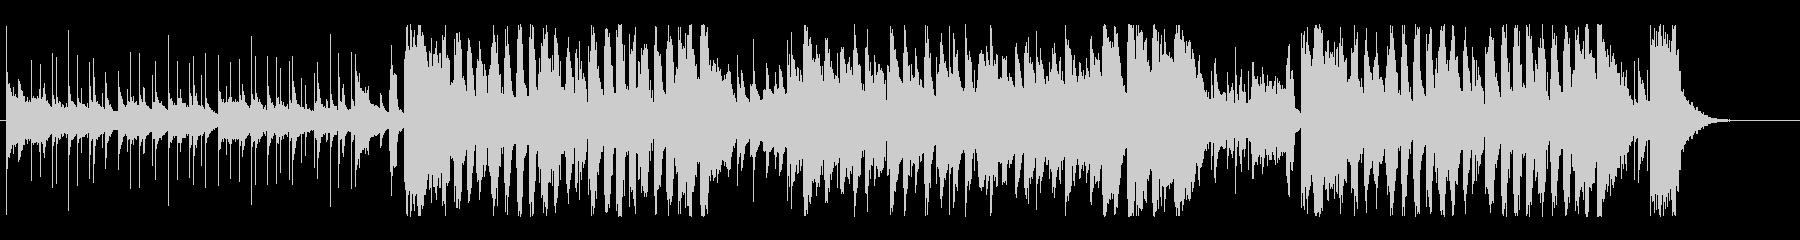 グルーヴィ&ジャジーなビッグバンド!の未再生の波形